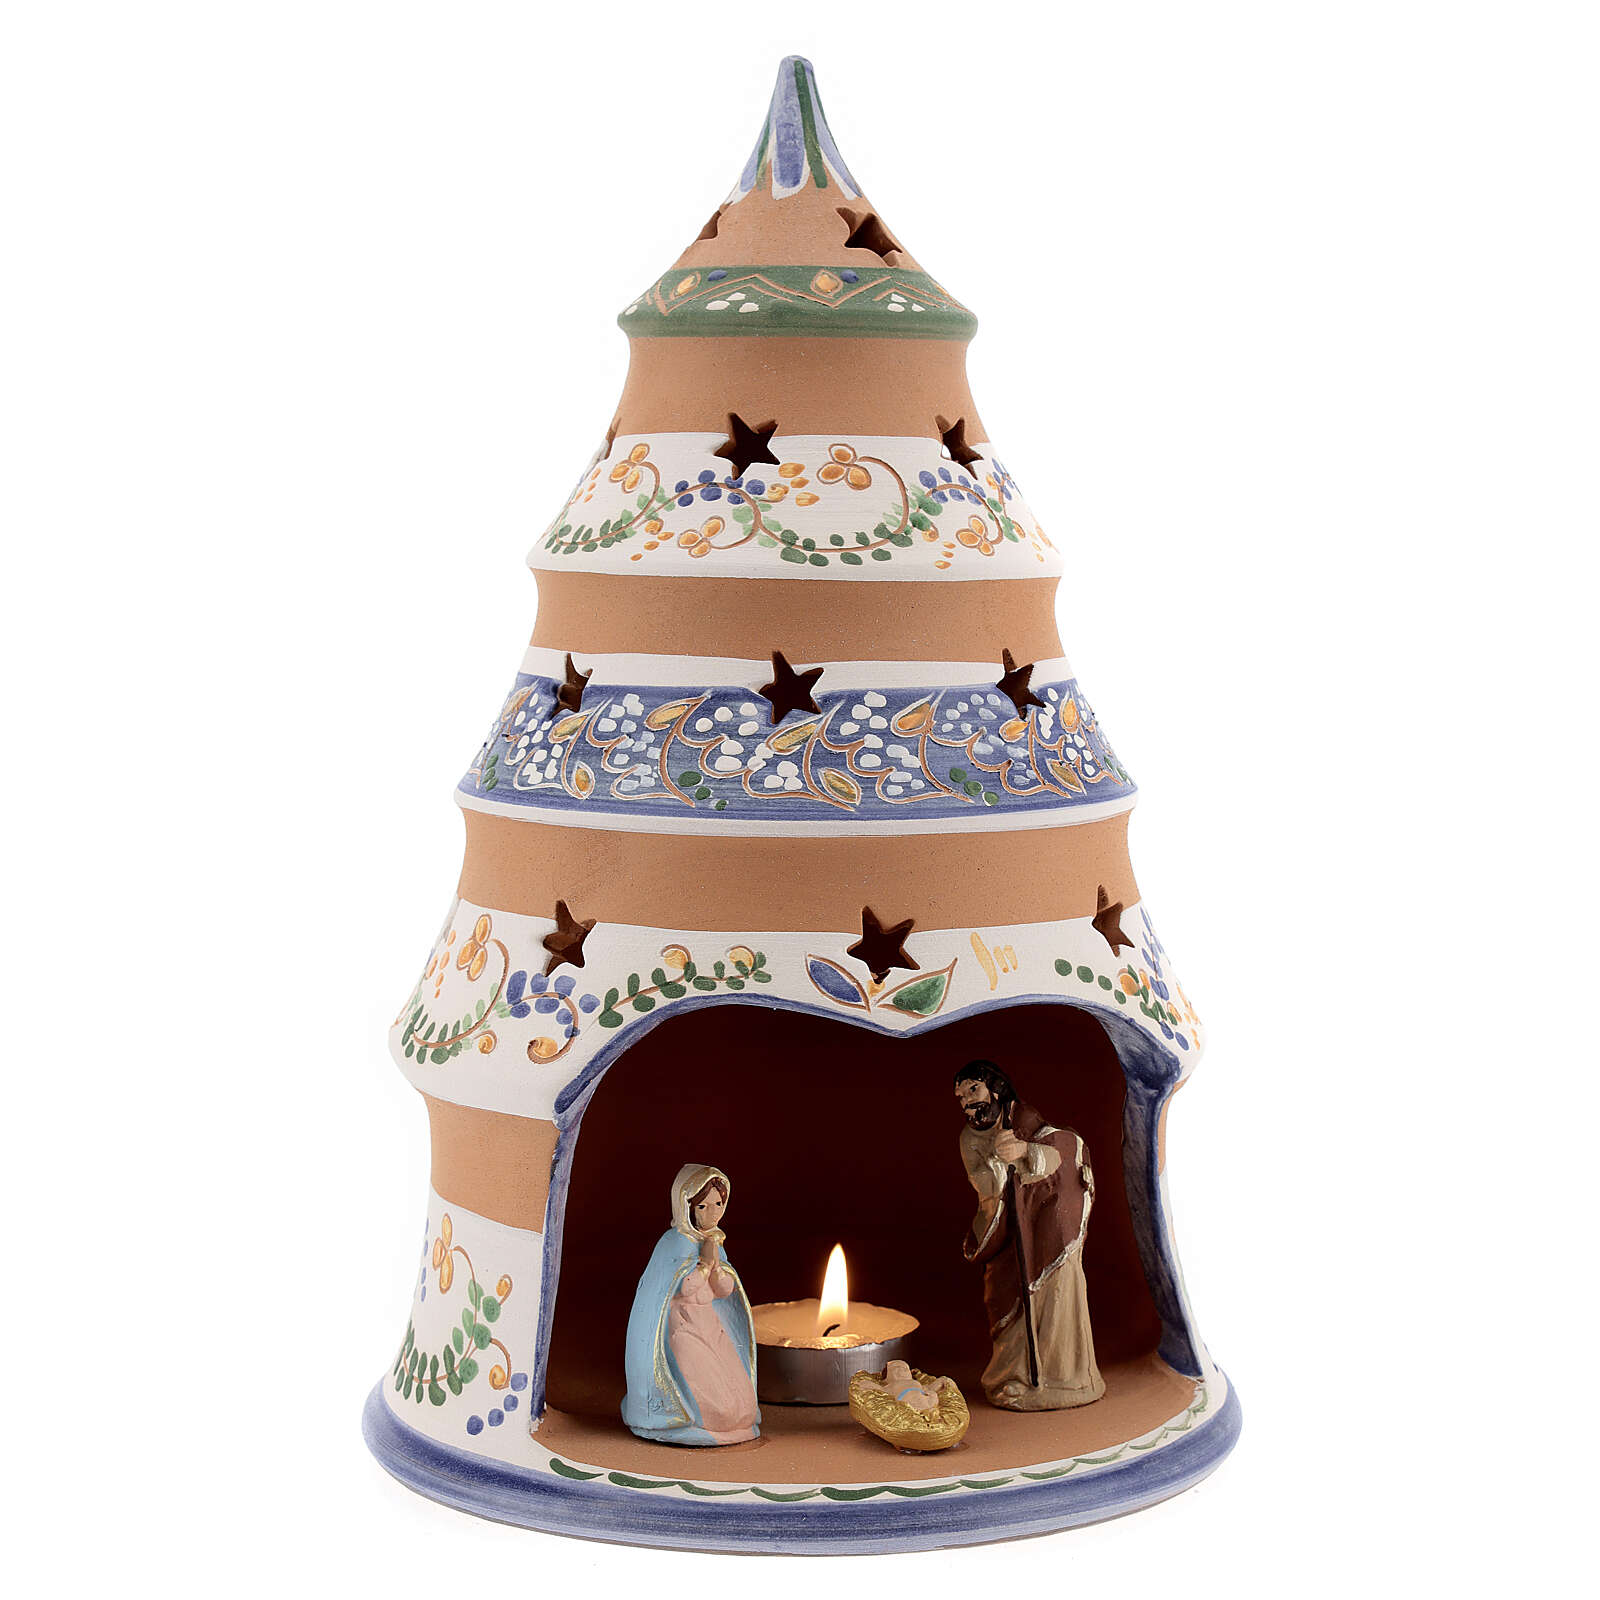 Sapin style campagnard Nativité terre cuite naturelle santons peints Deruta 25 cm 4